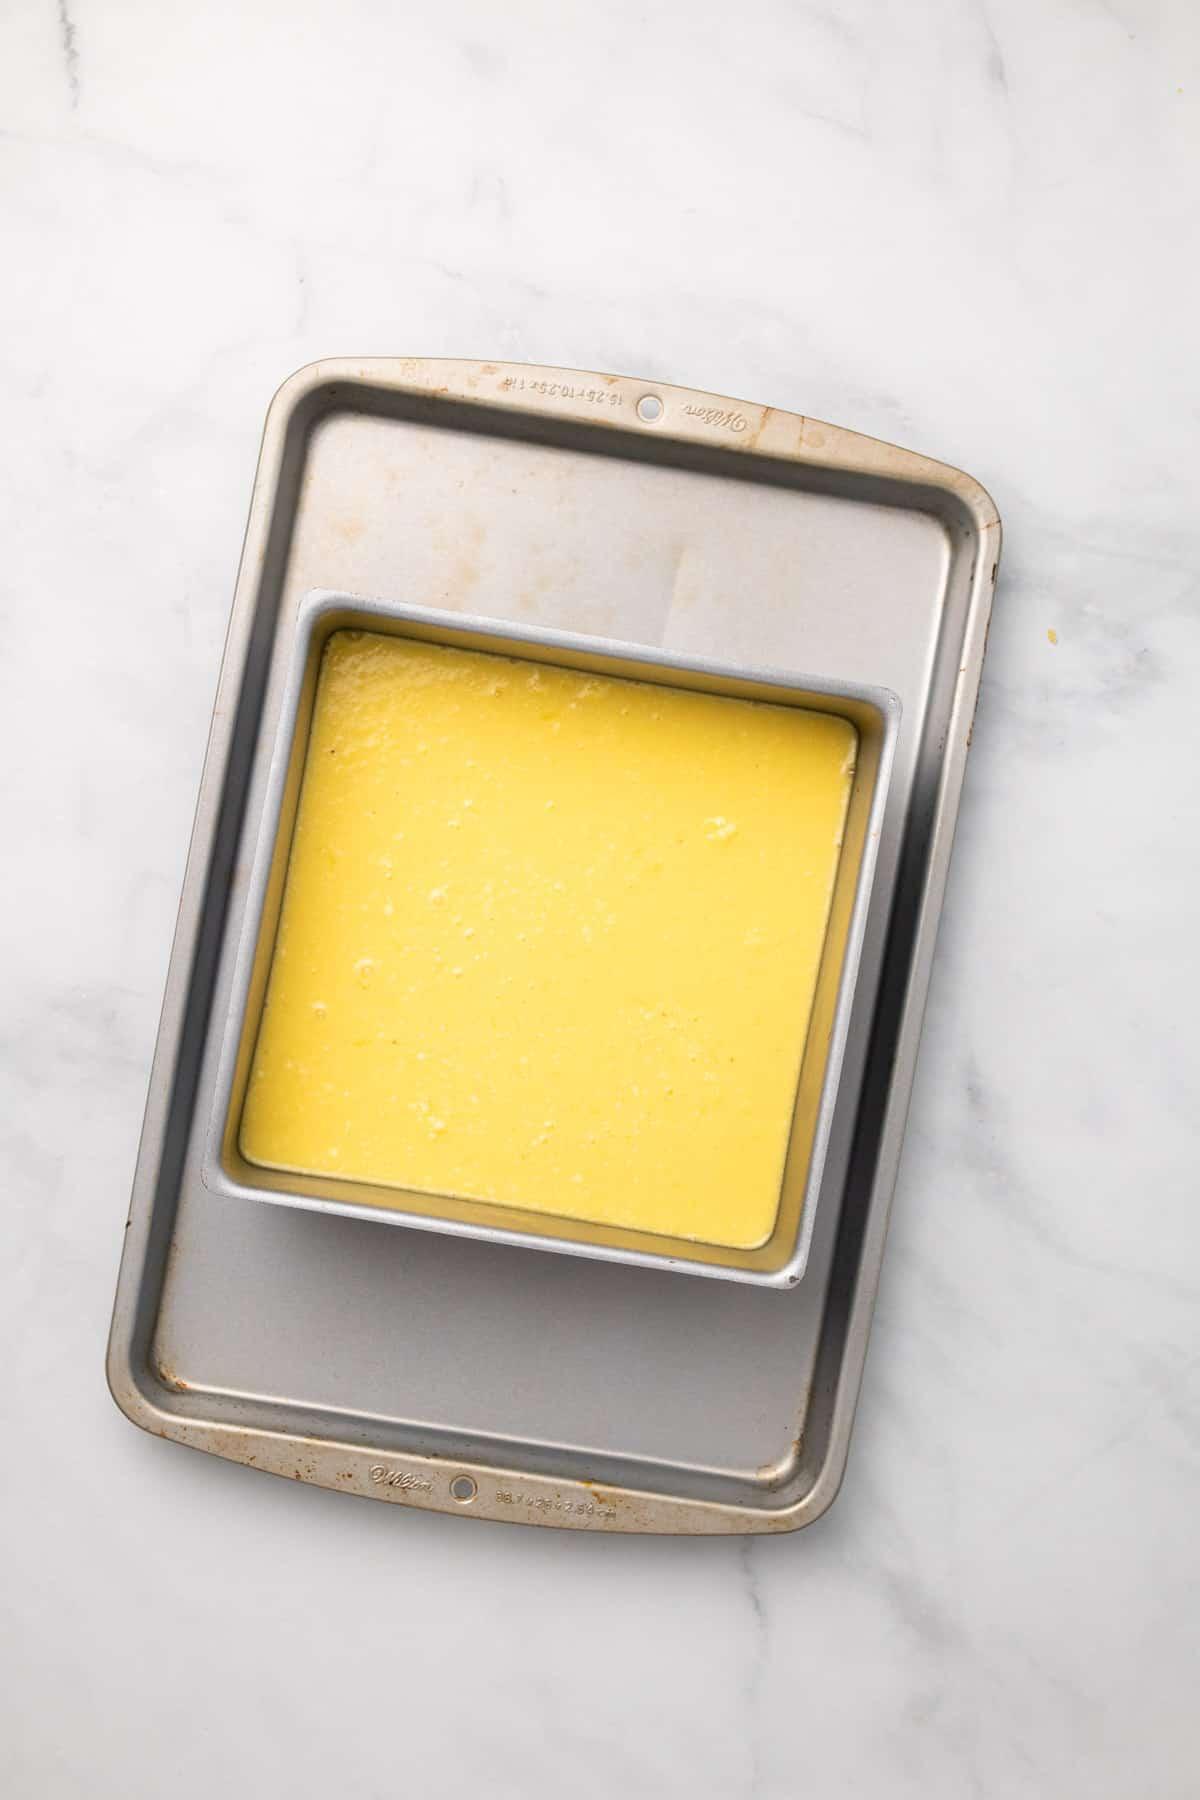 Baked lemon bars in the pan